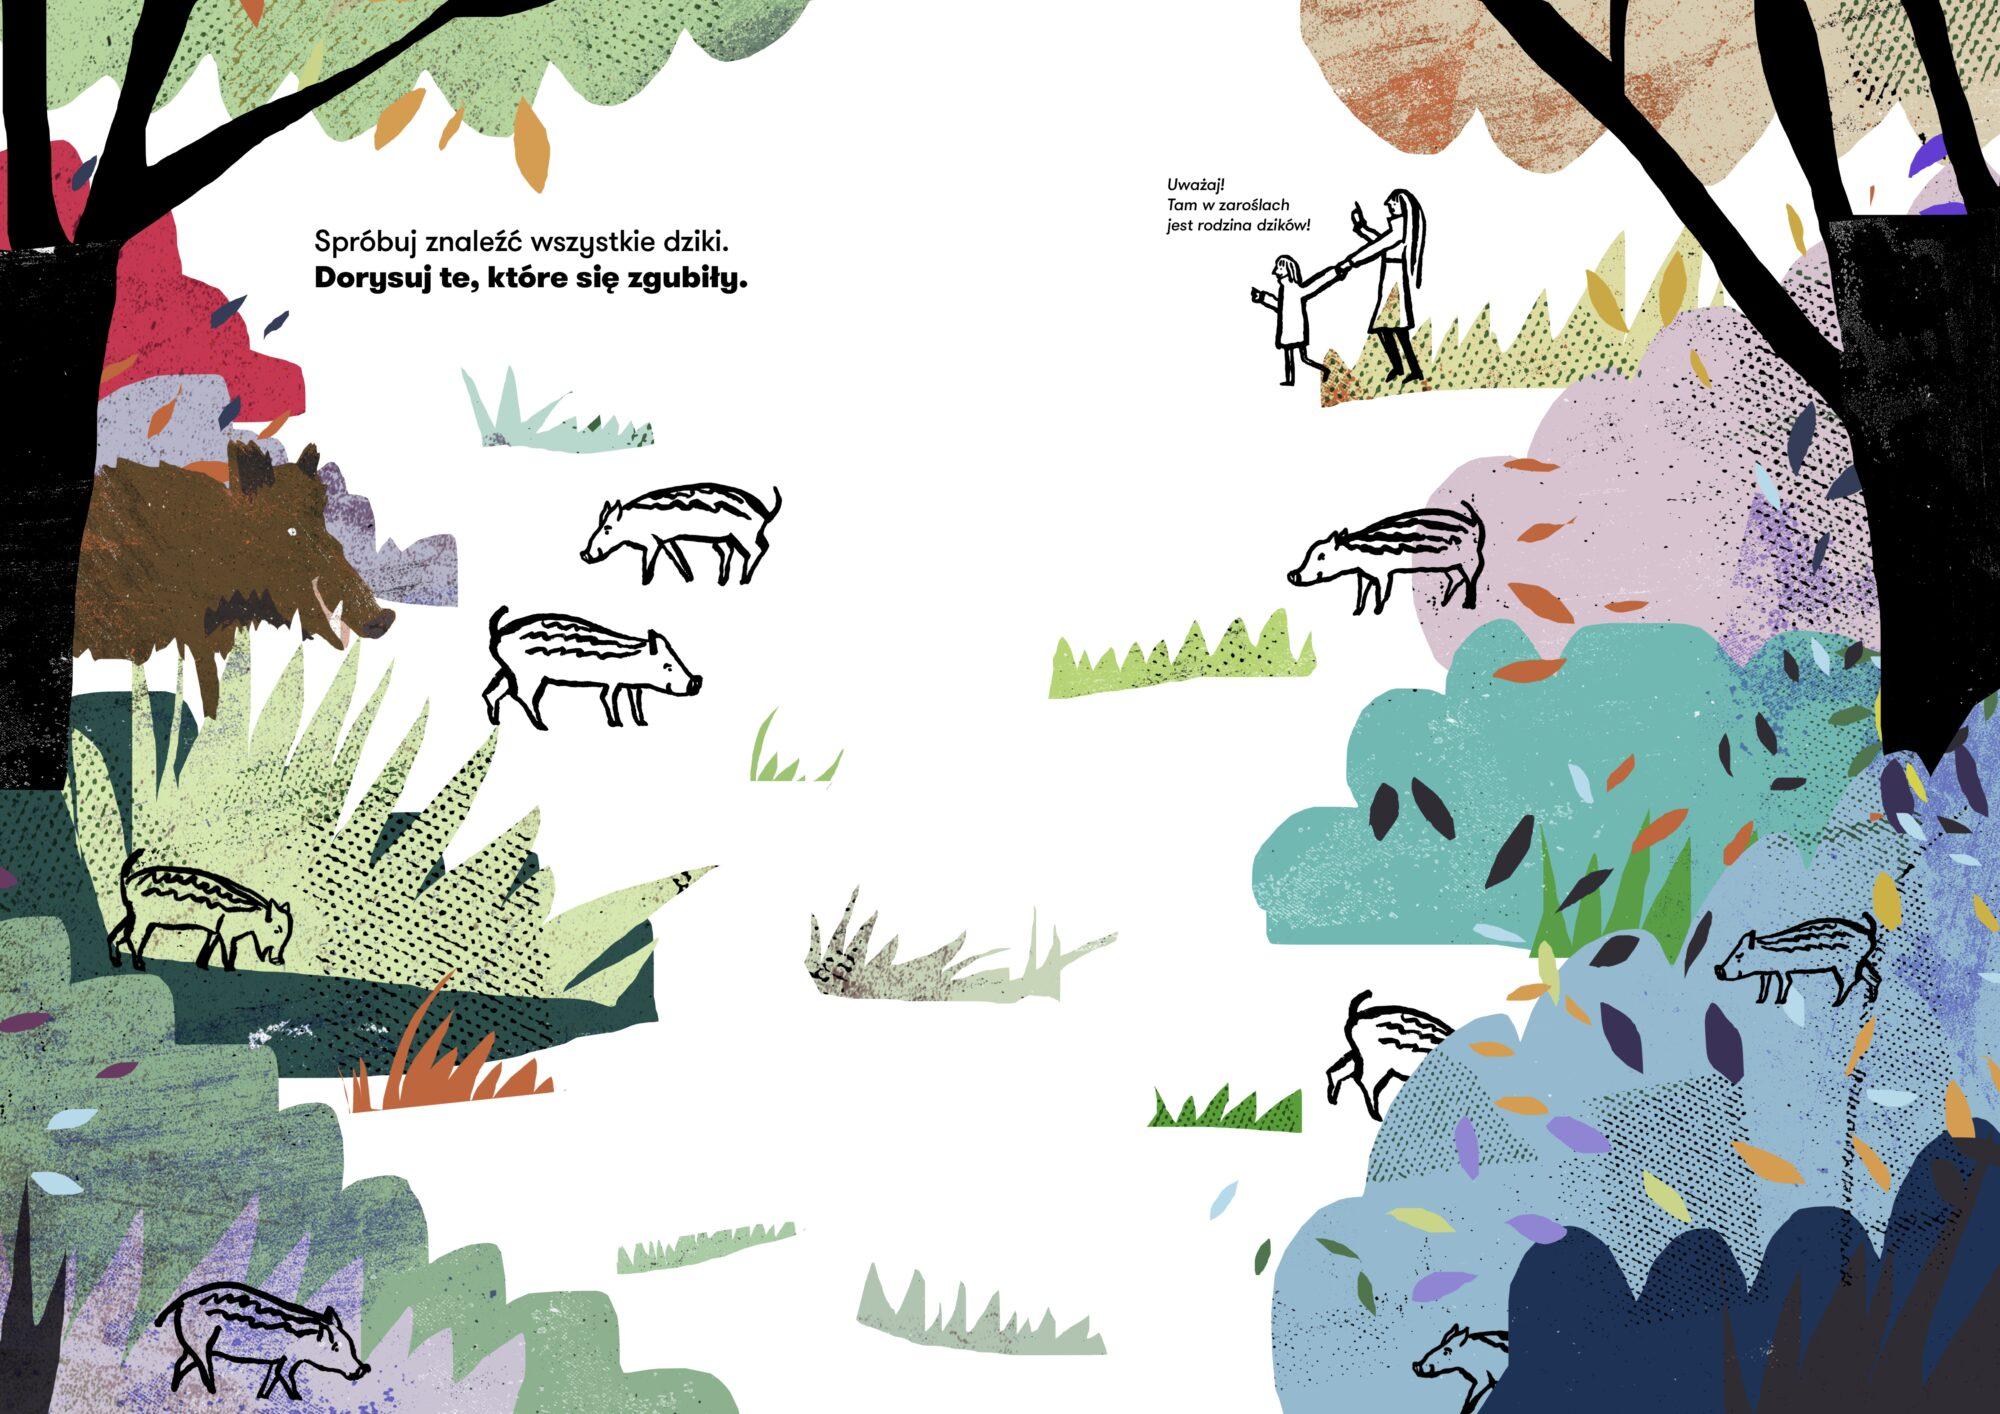 Natura na Głównej. Aktywnościówka dla dzieci - strona 6